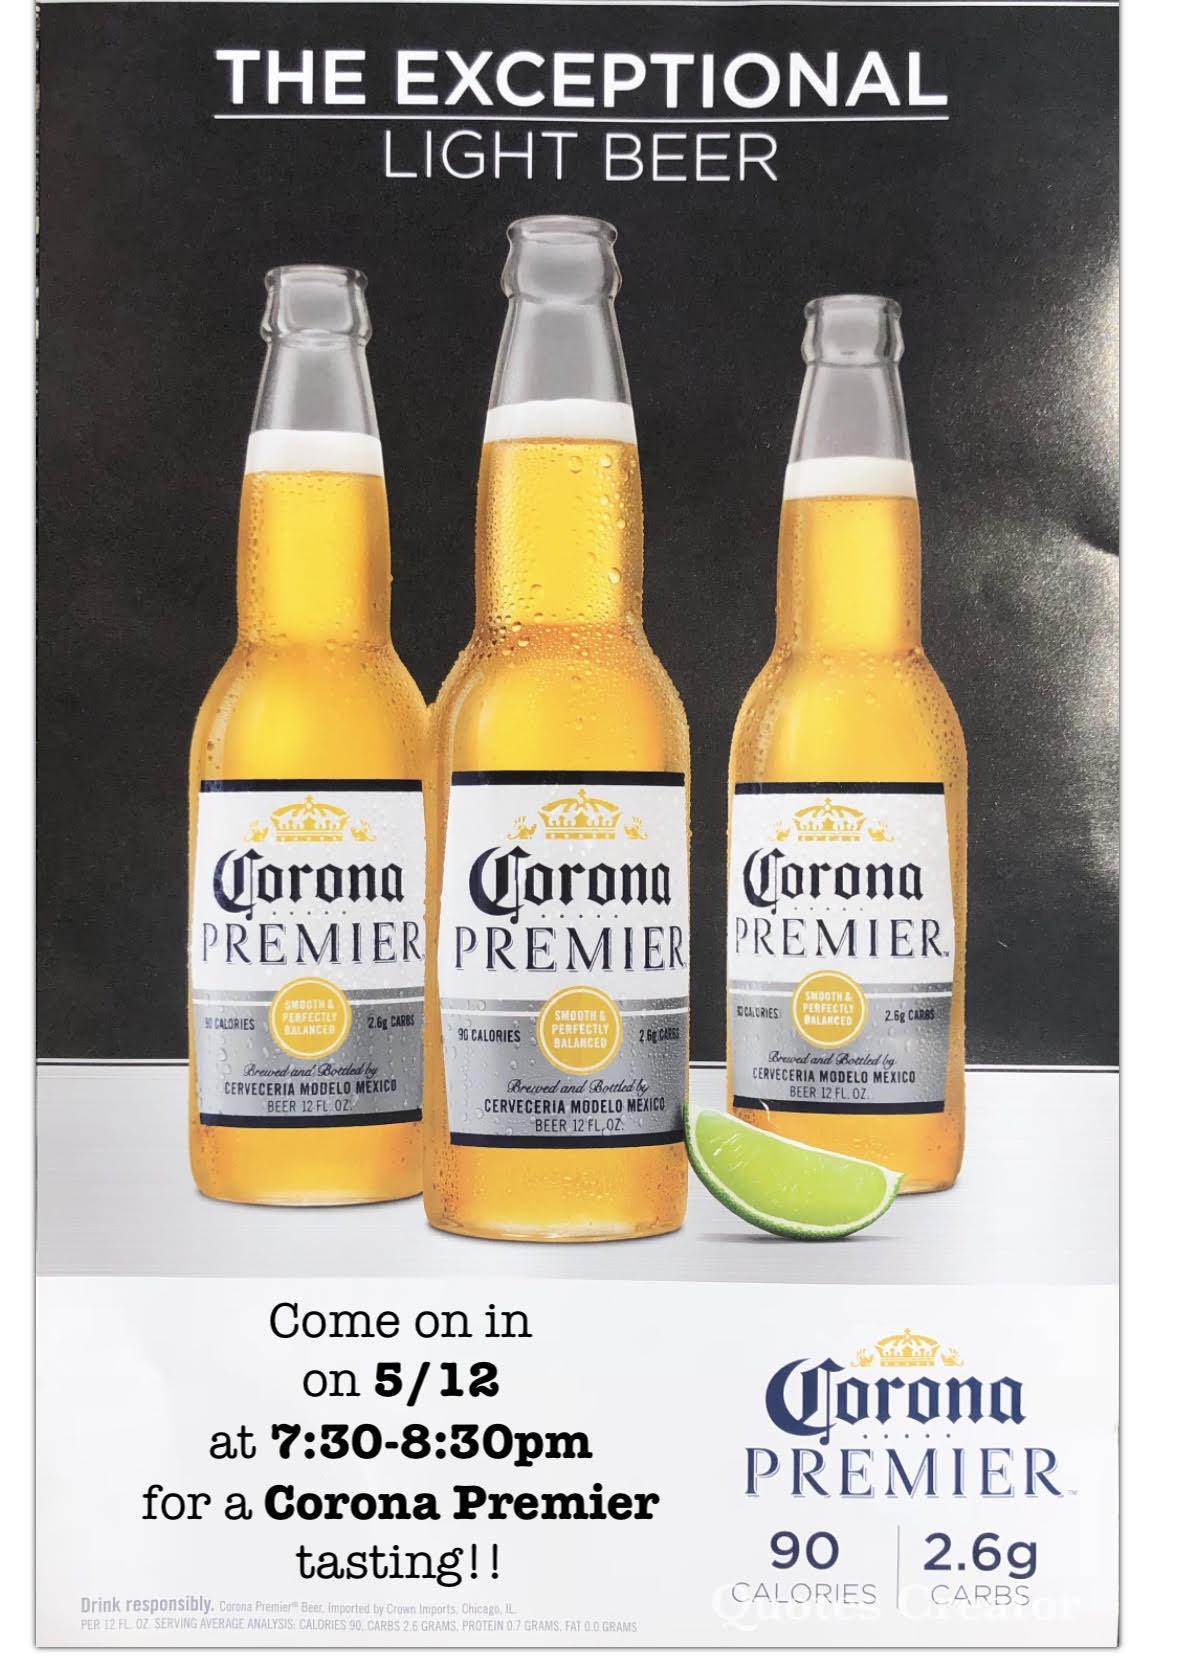 Corona Premier Tasting